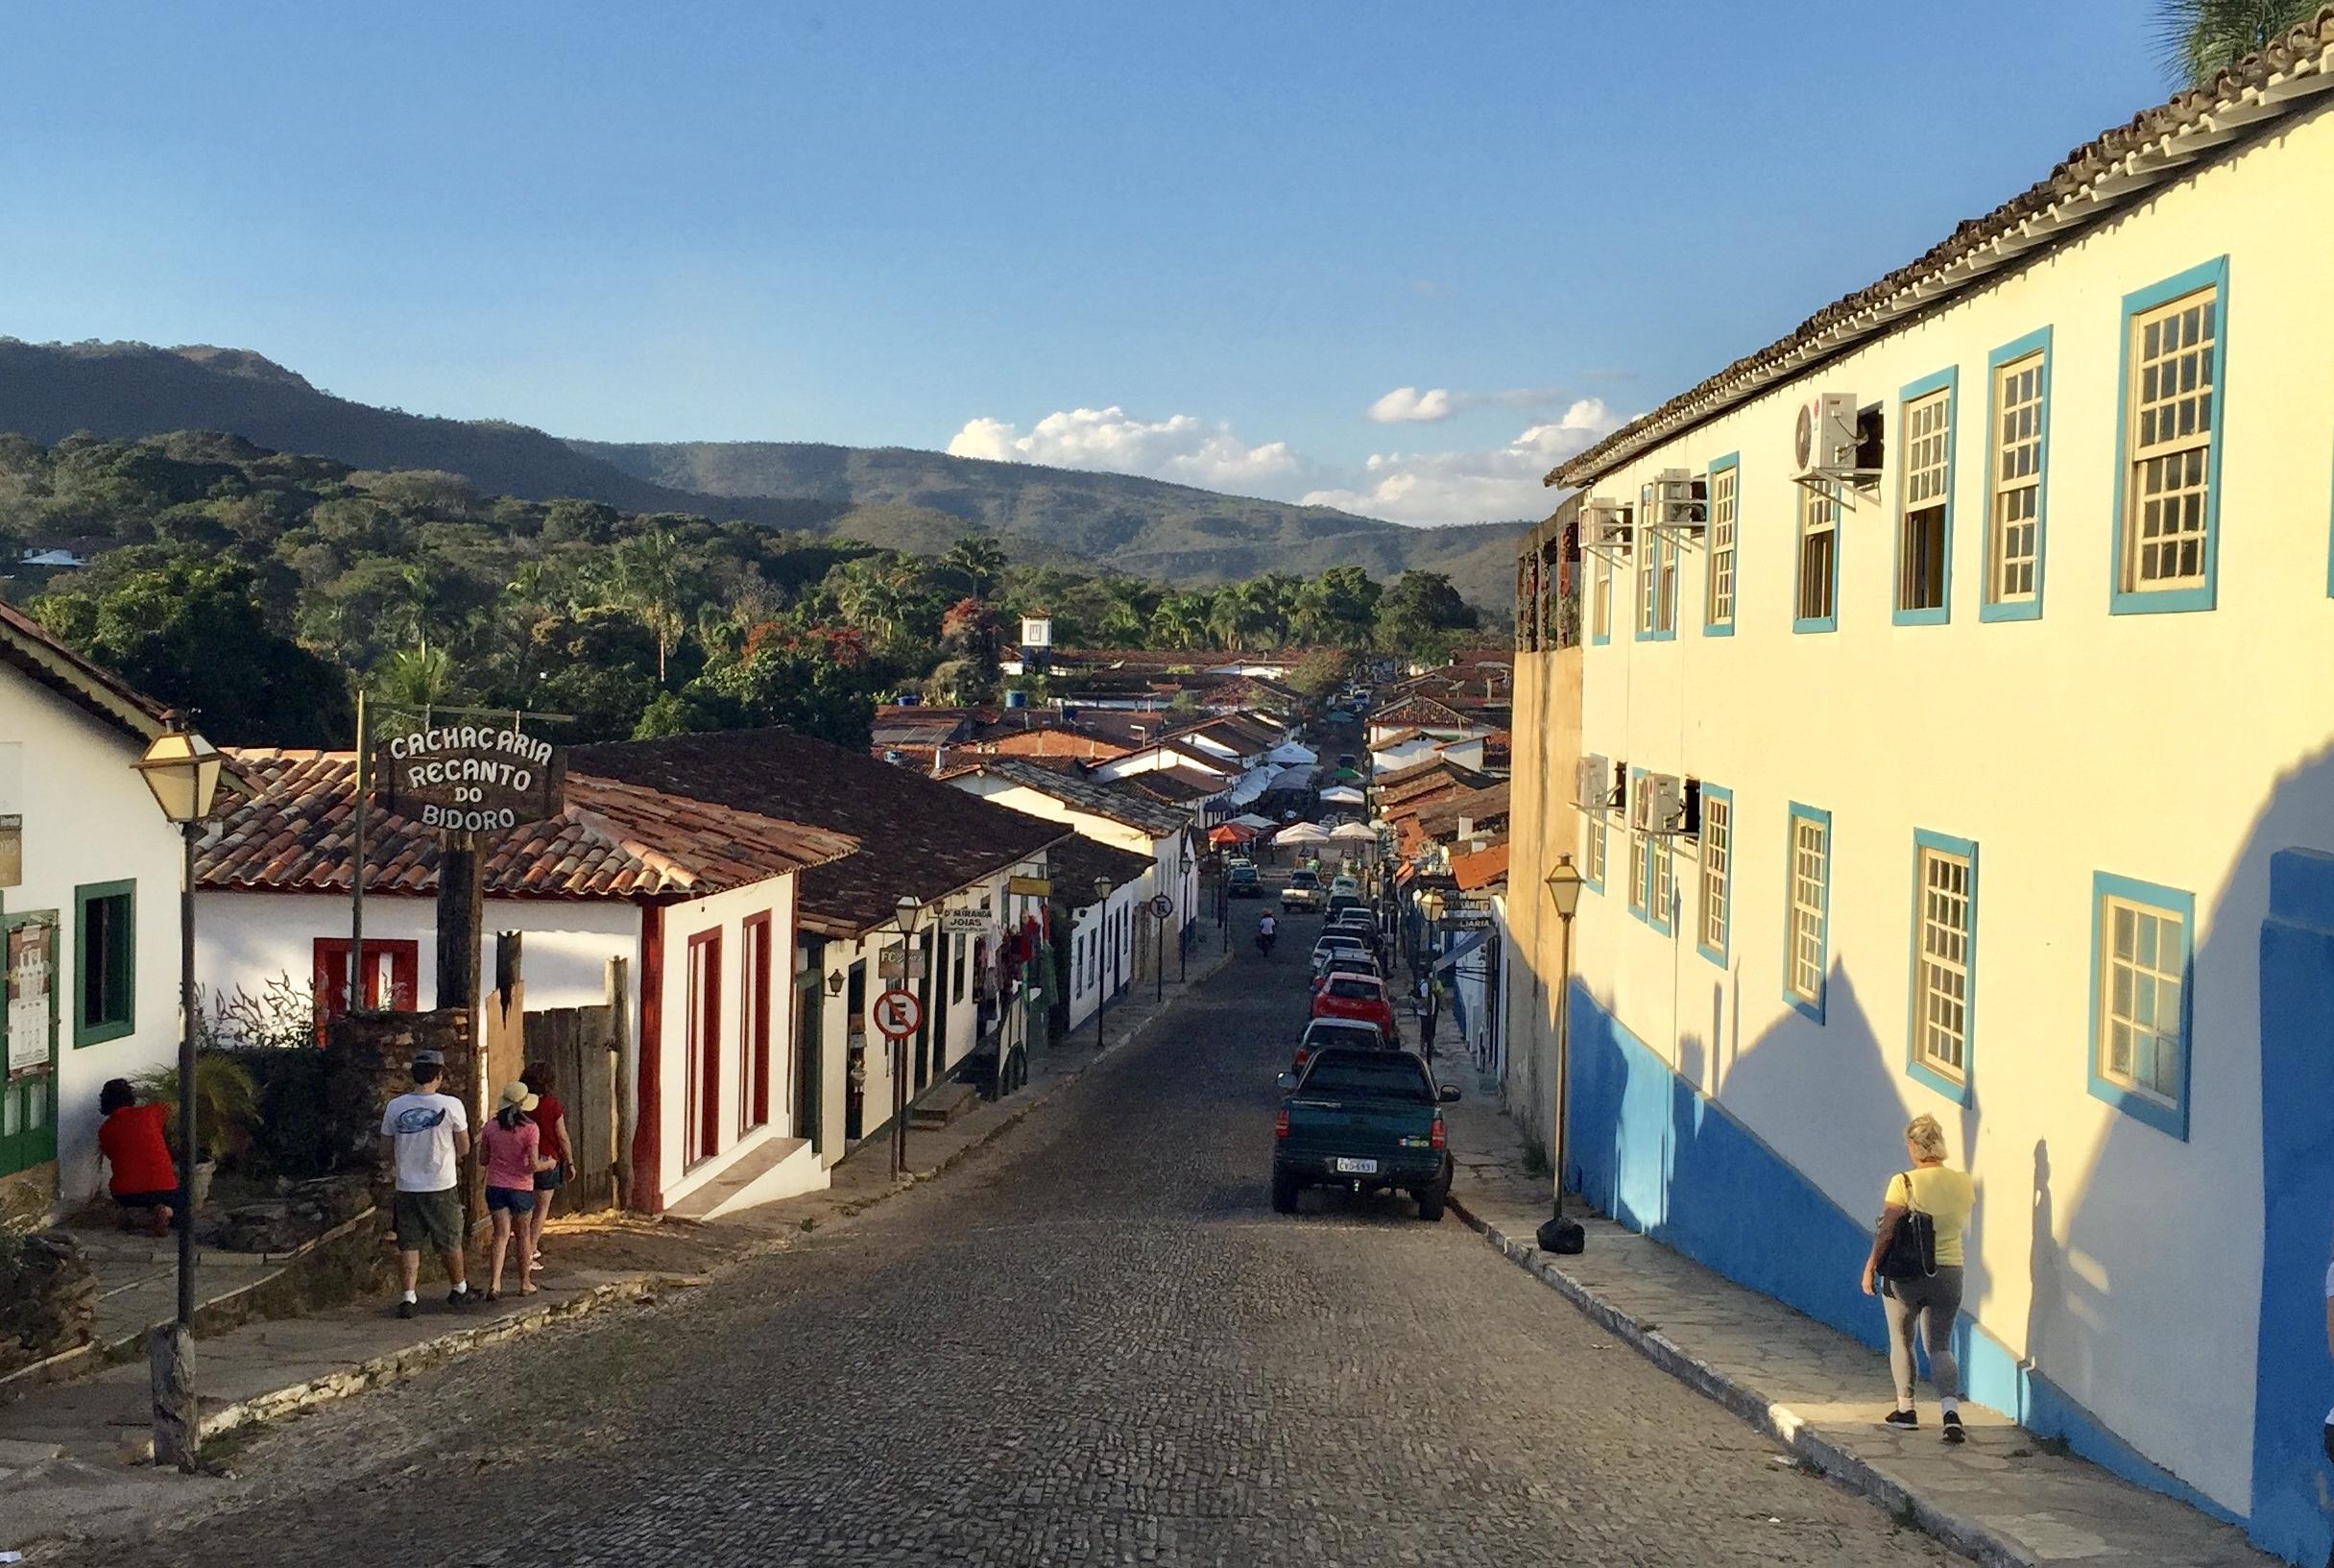 inverno no brasil, pirenópolis